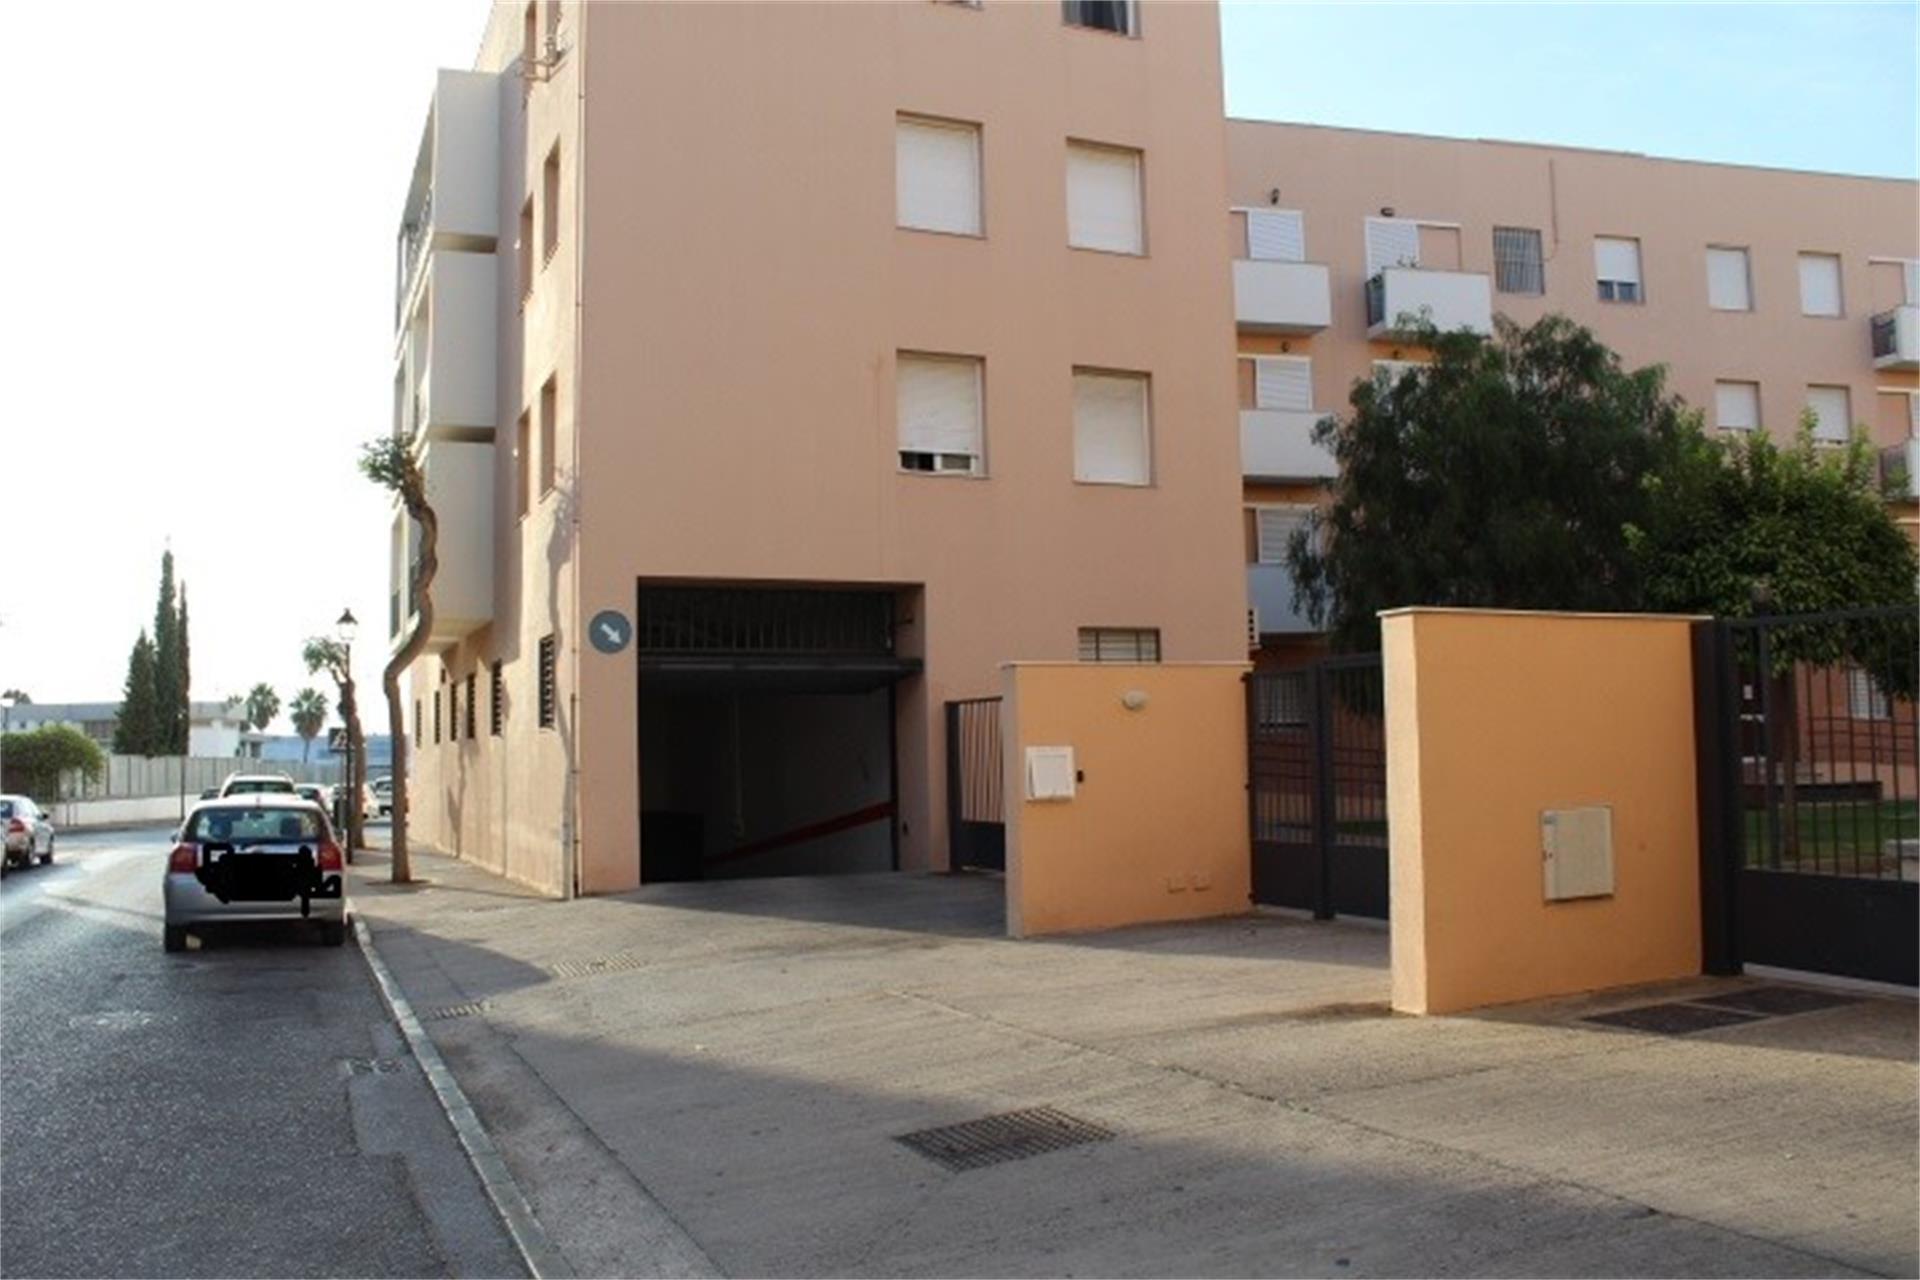 Parking coche  Calle contrabajo. Norte